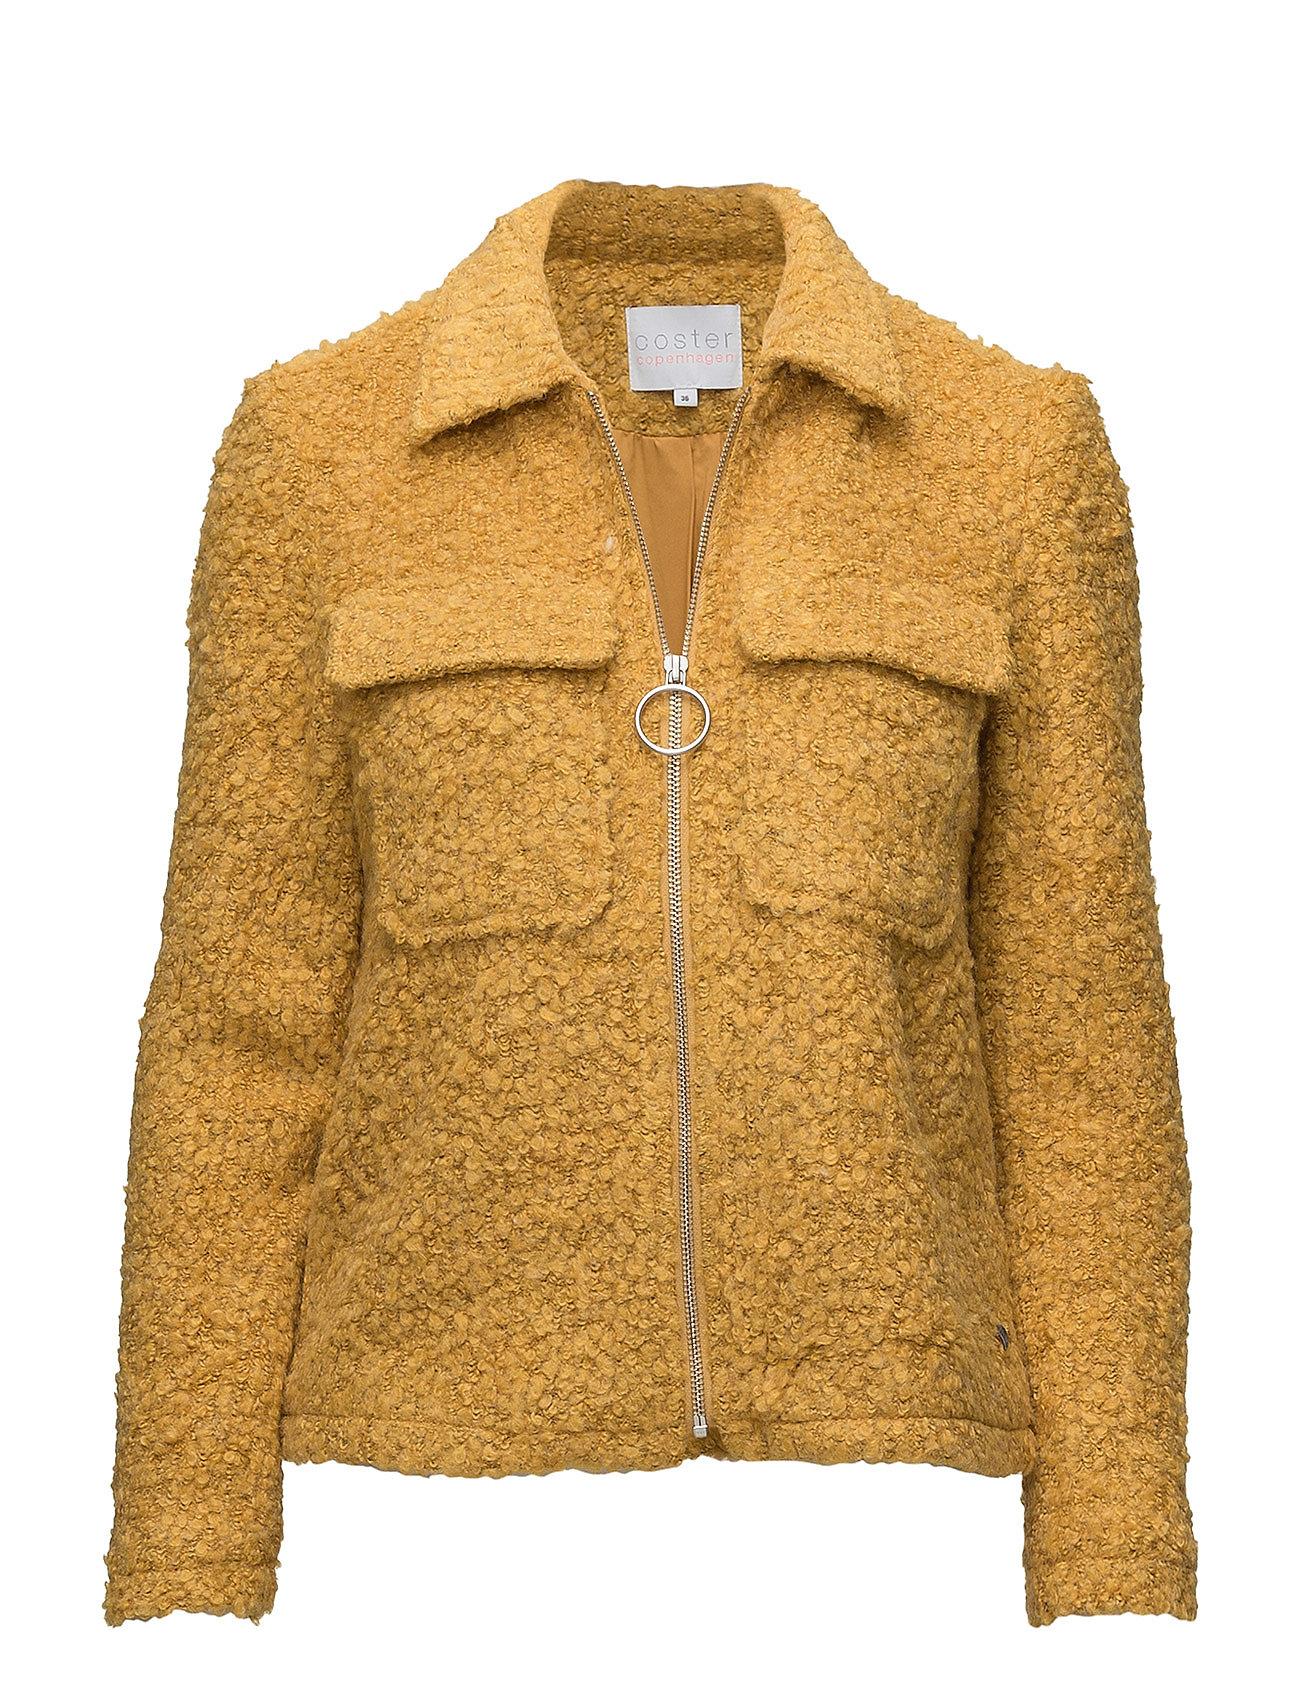 Coster Copenhagen Boucle jacket